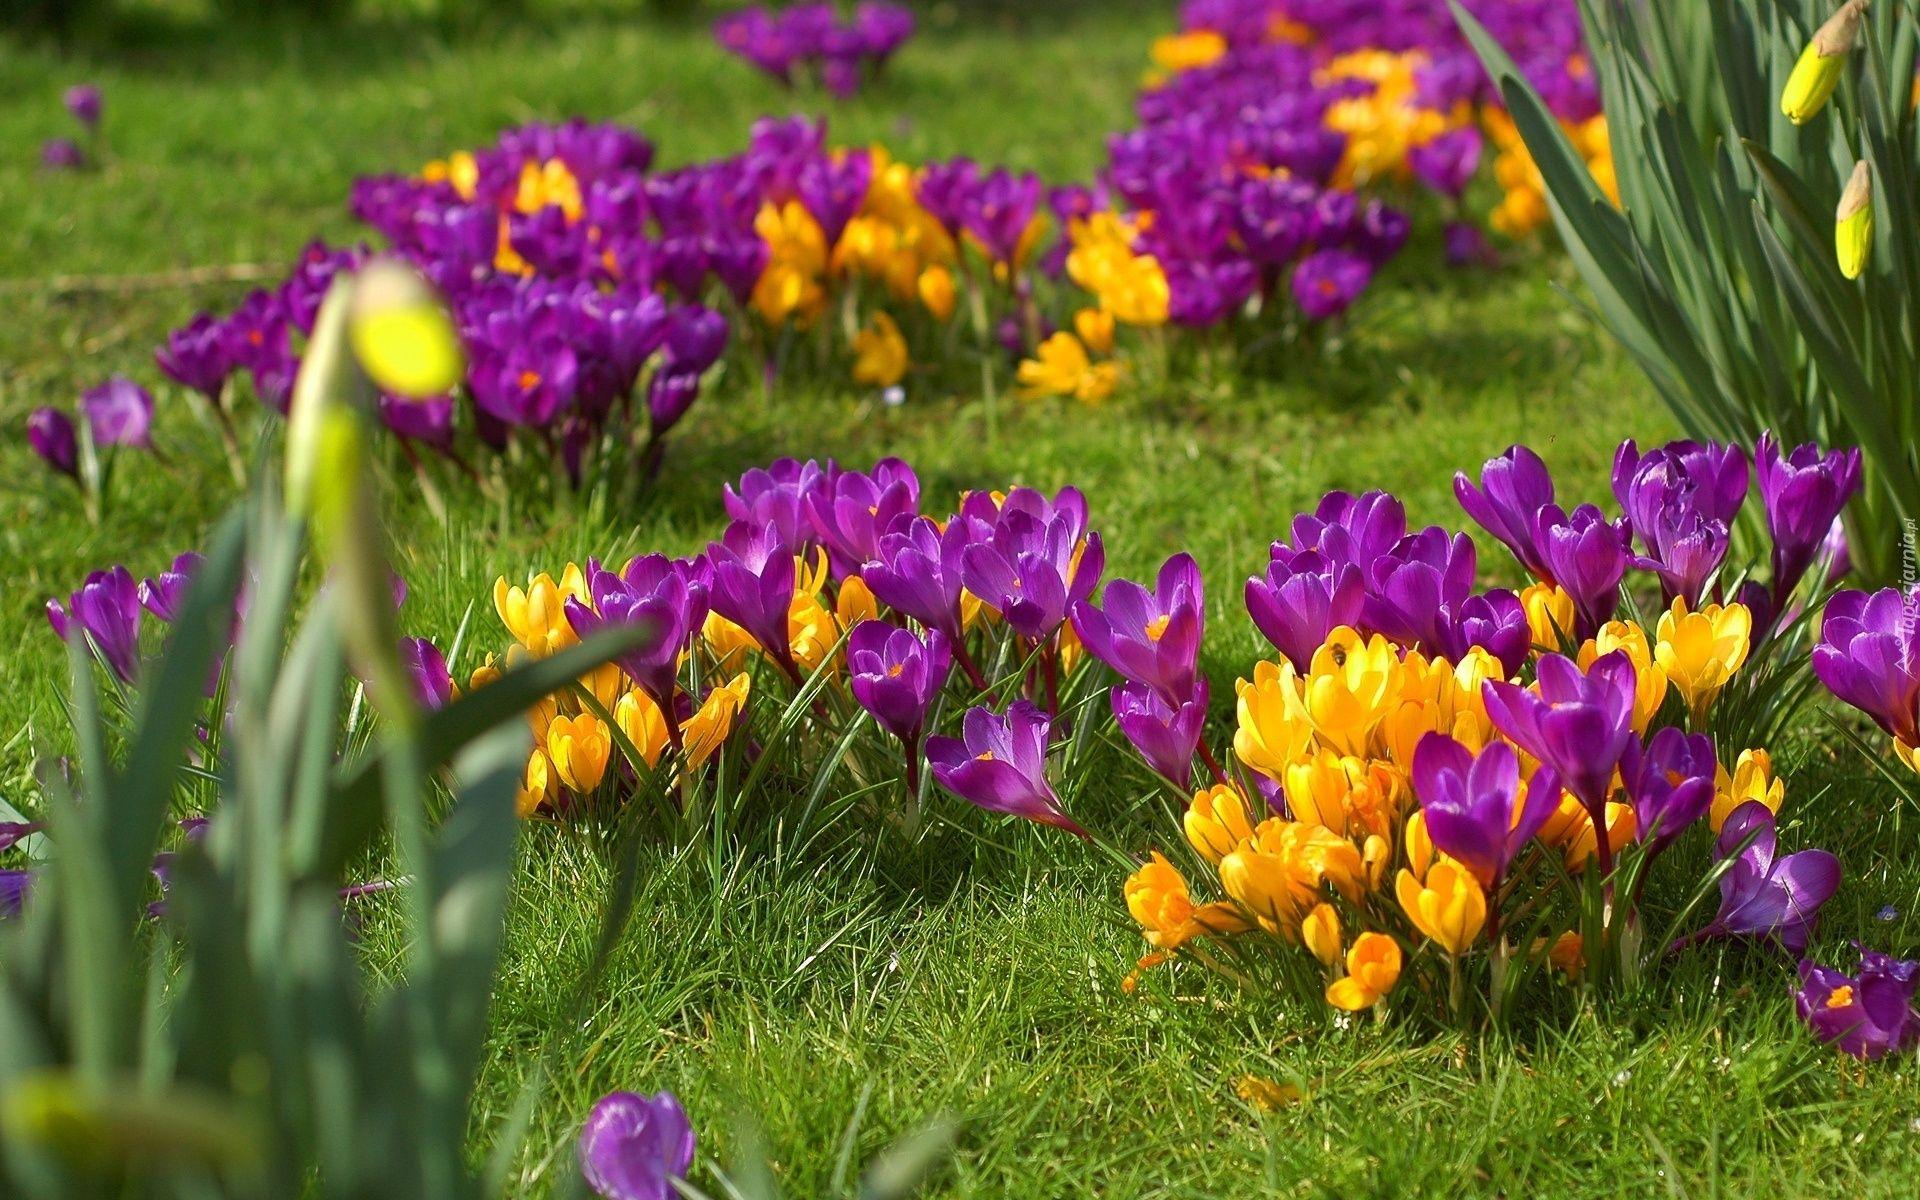 Edycja Tapety Wiosna Krokusy Laka Beautiful Flowers Spring Flowers Flowers